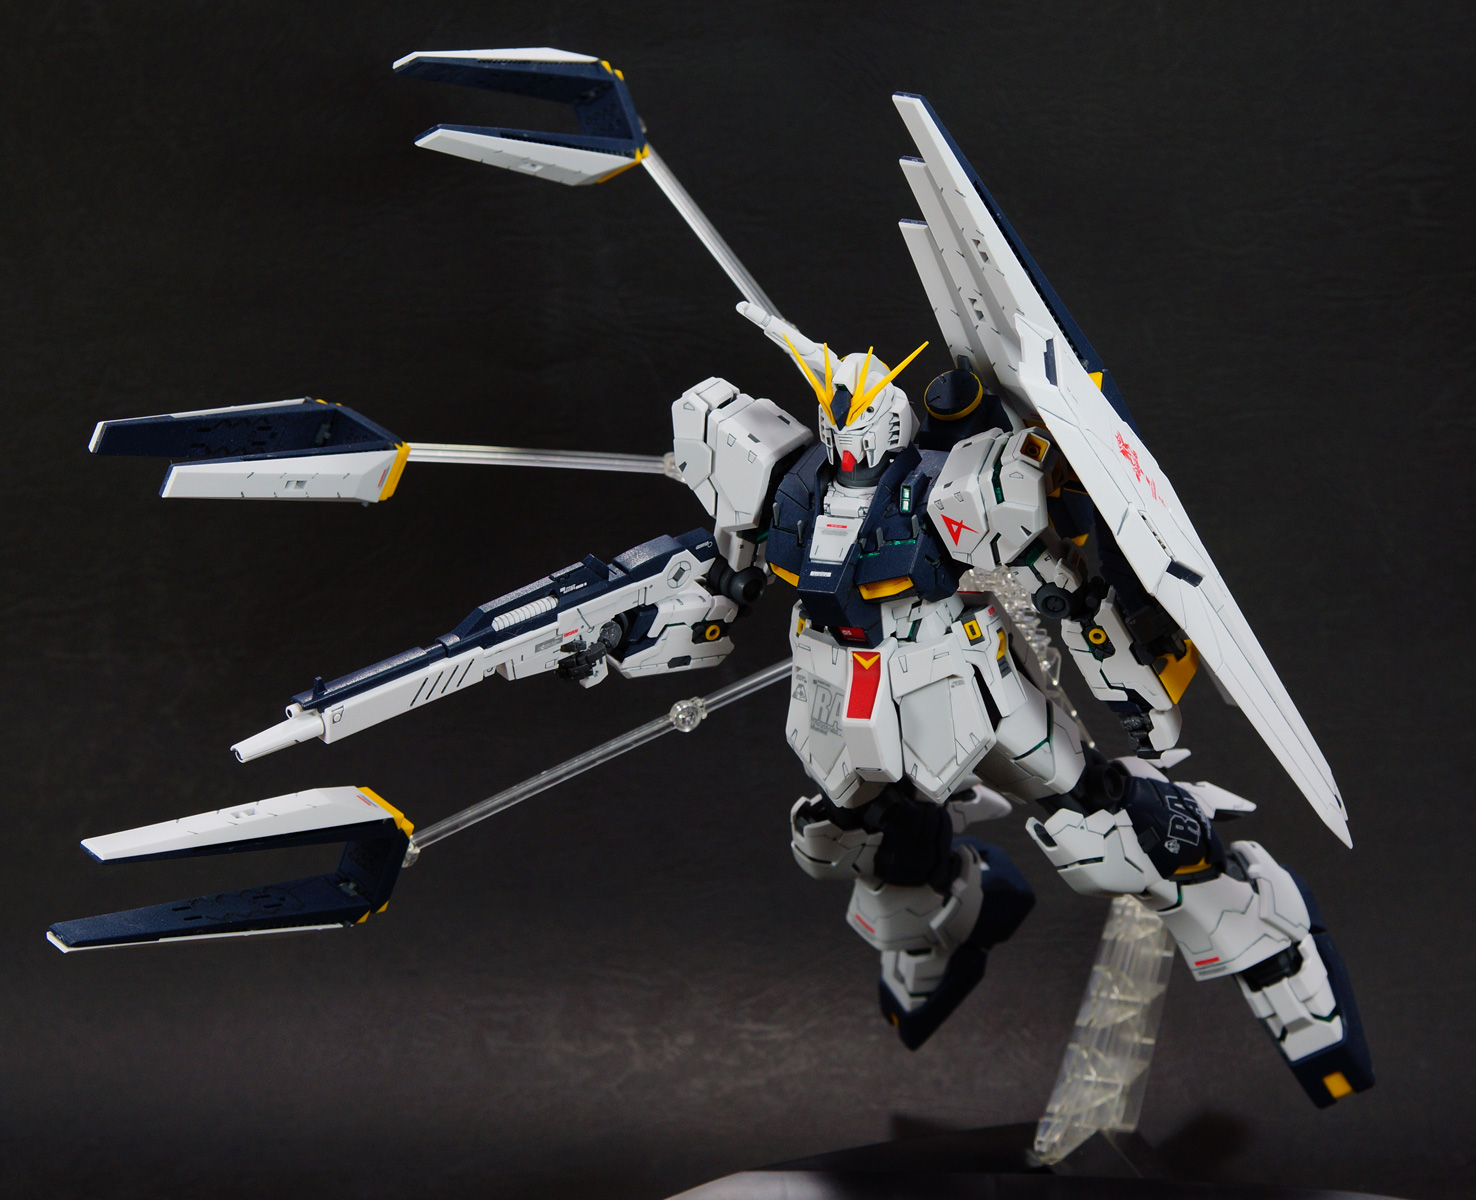 MG νガンダム Ver.Ka4